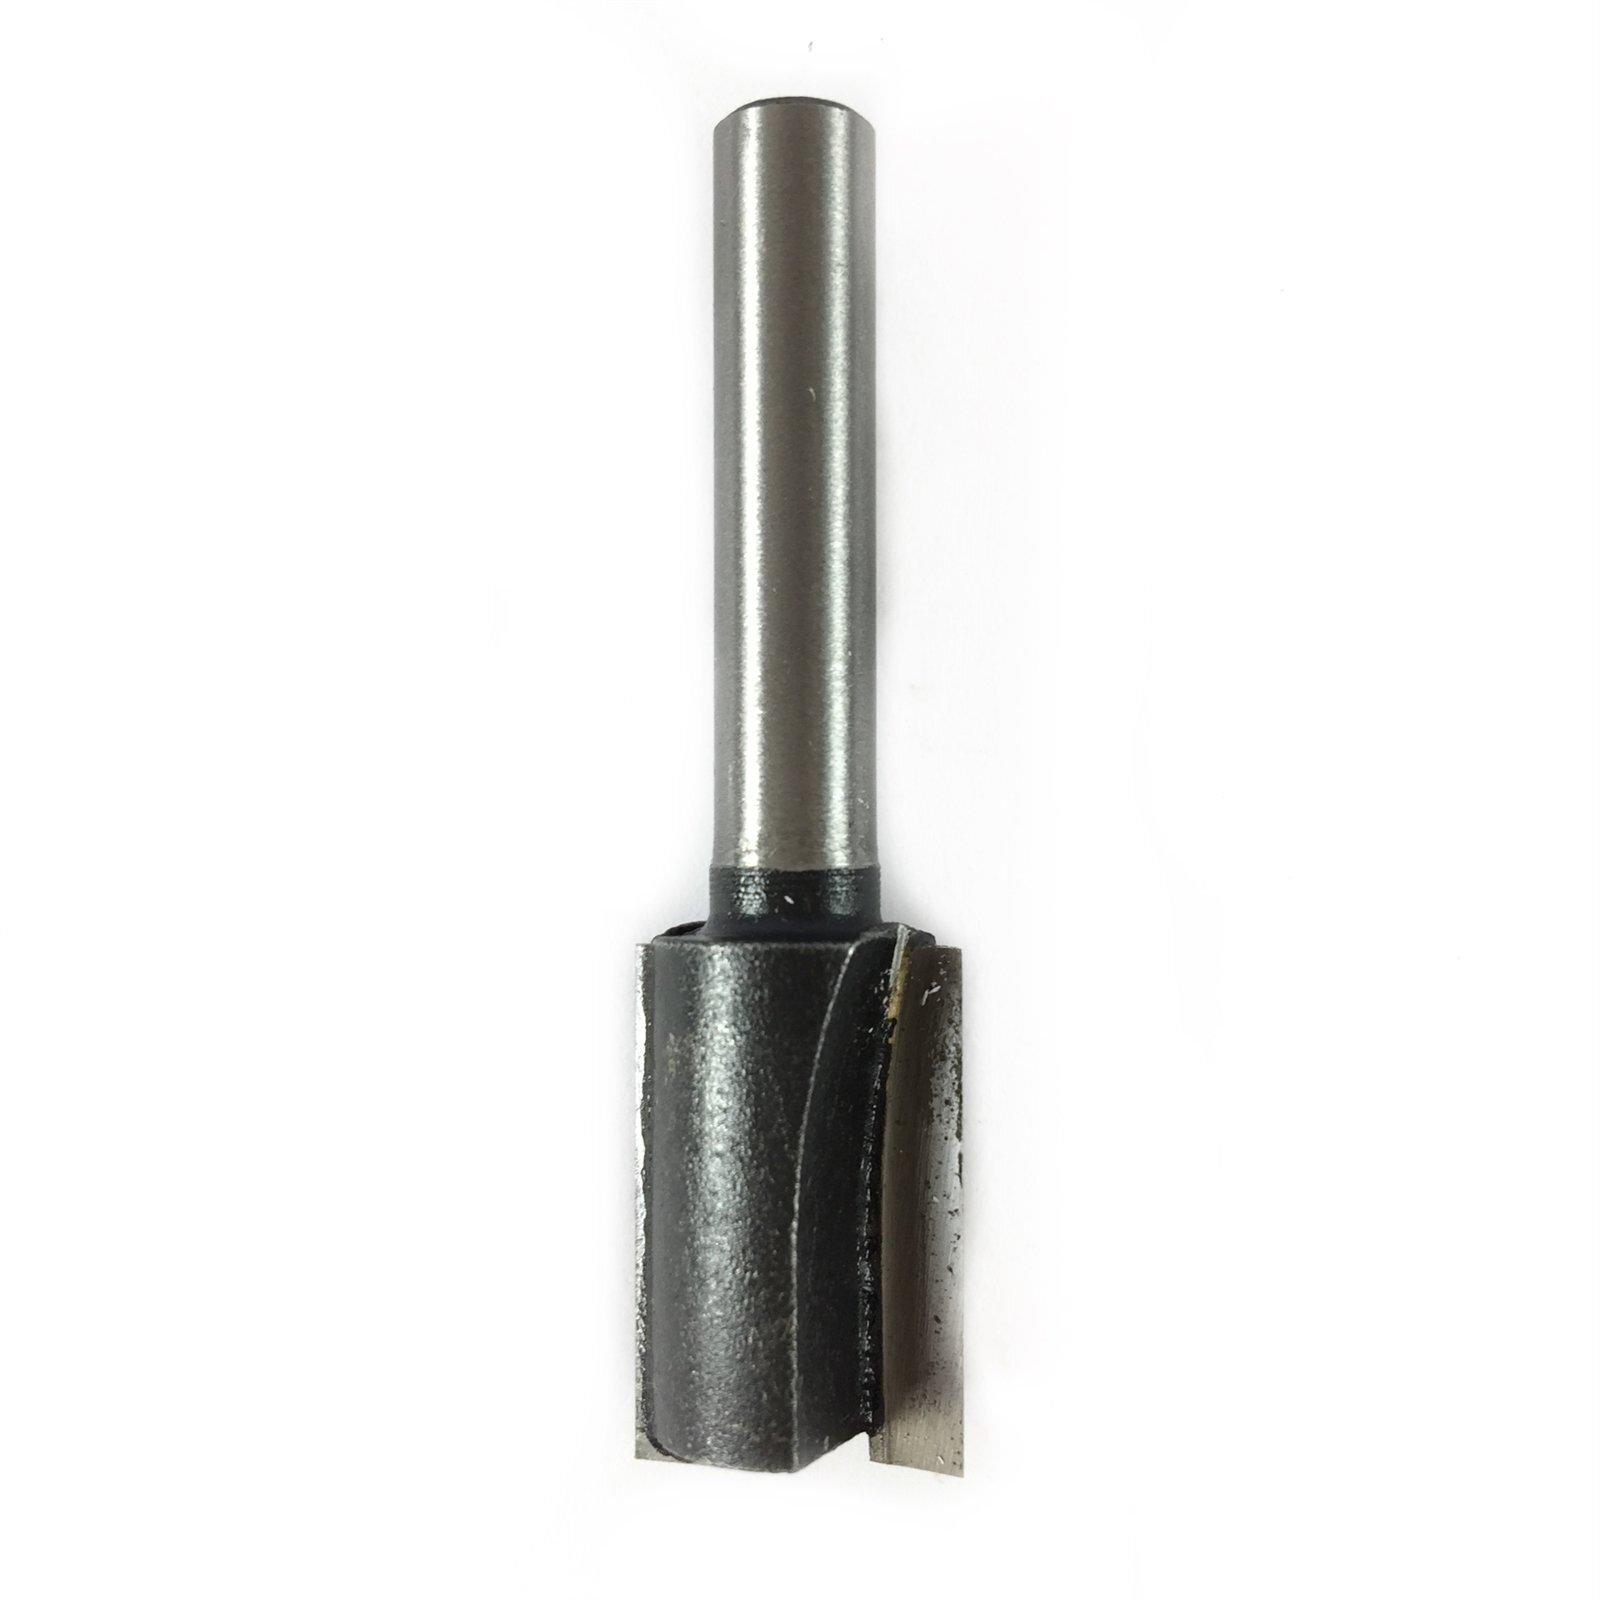 """Ultra 12.7mm Ø x ¼"""" Shank Straight Cut Router Bit"""